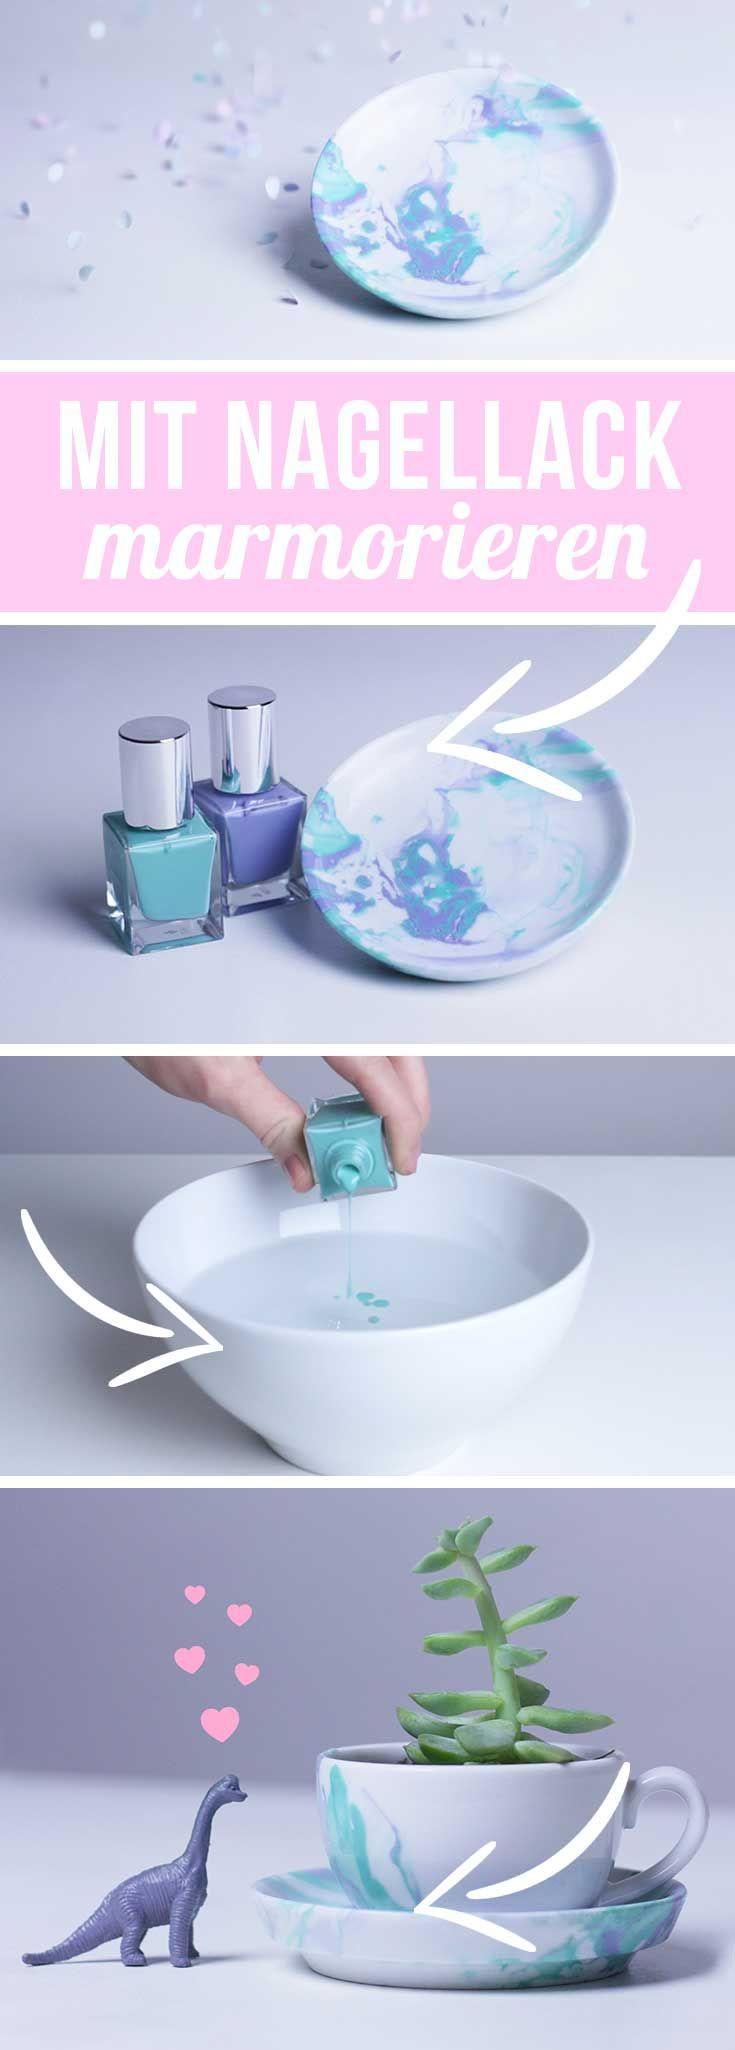 Marmorieren mit Nagellack - Anleitung Tasse marmorieren DIY ...